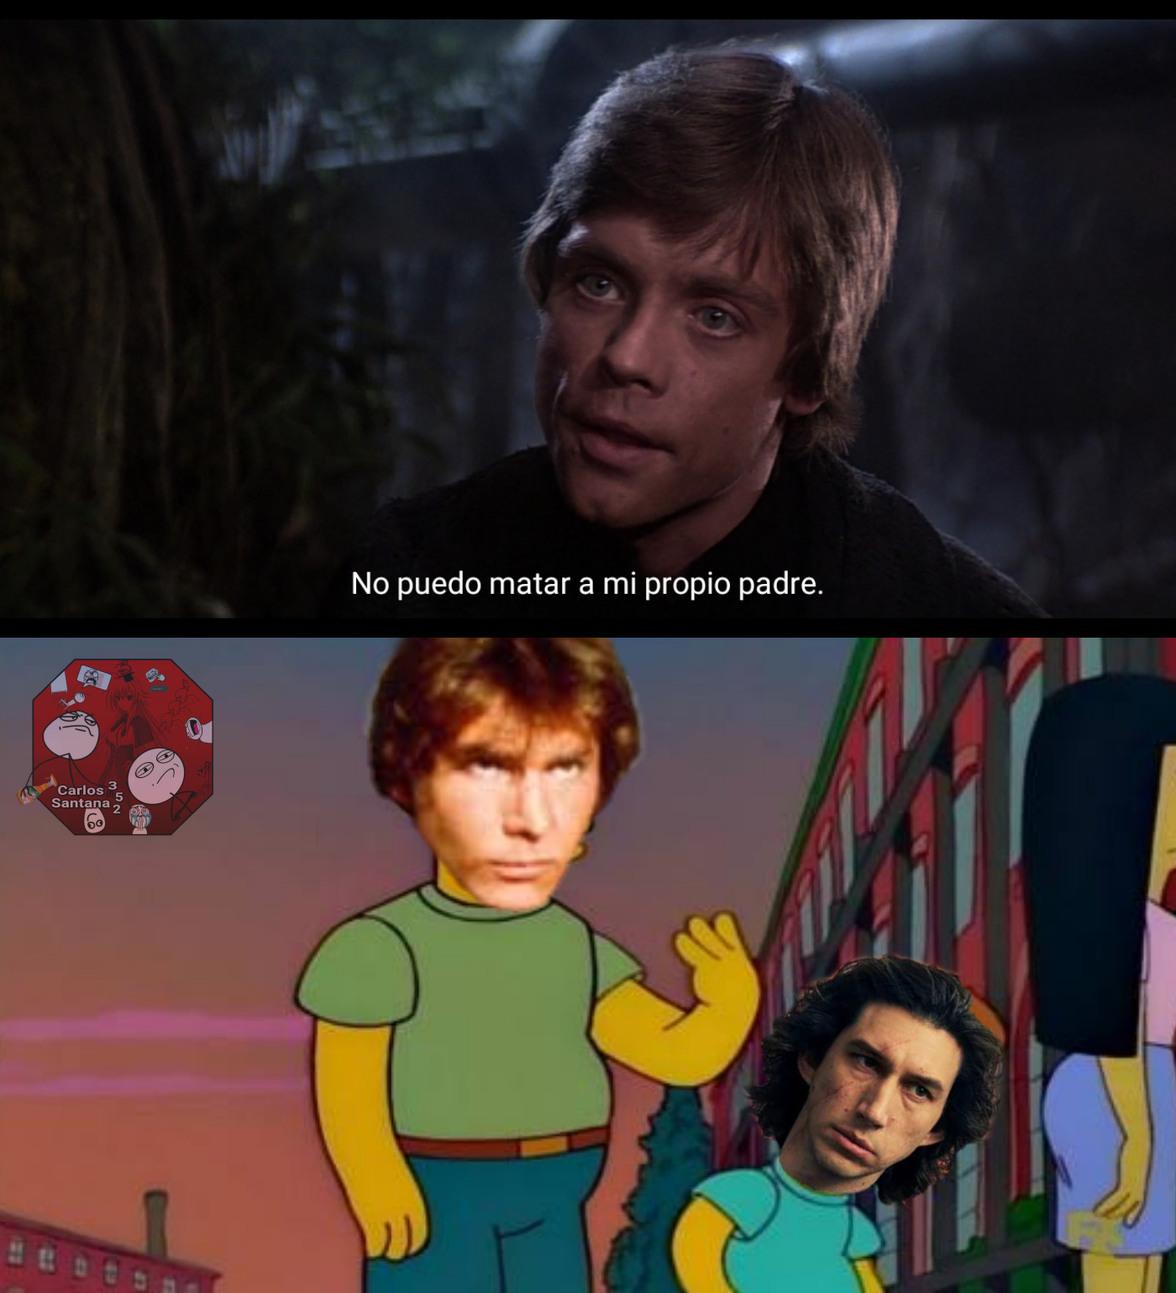 A ver, ¿Por qué no eres como Luke? - meme